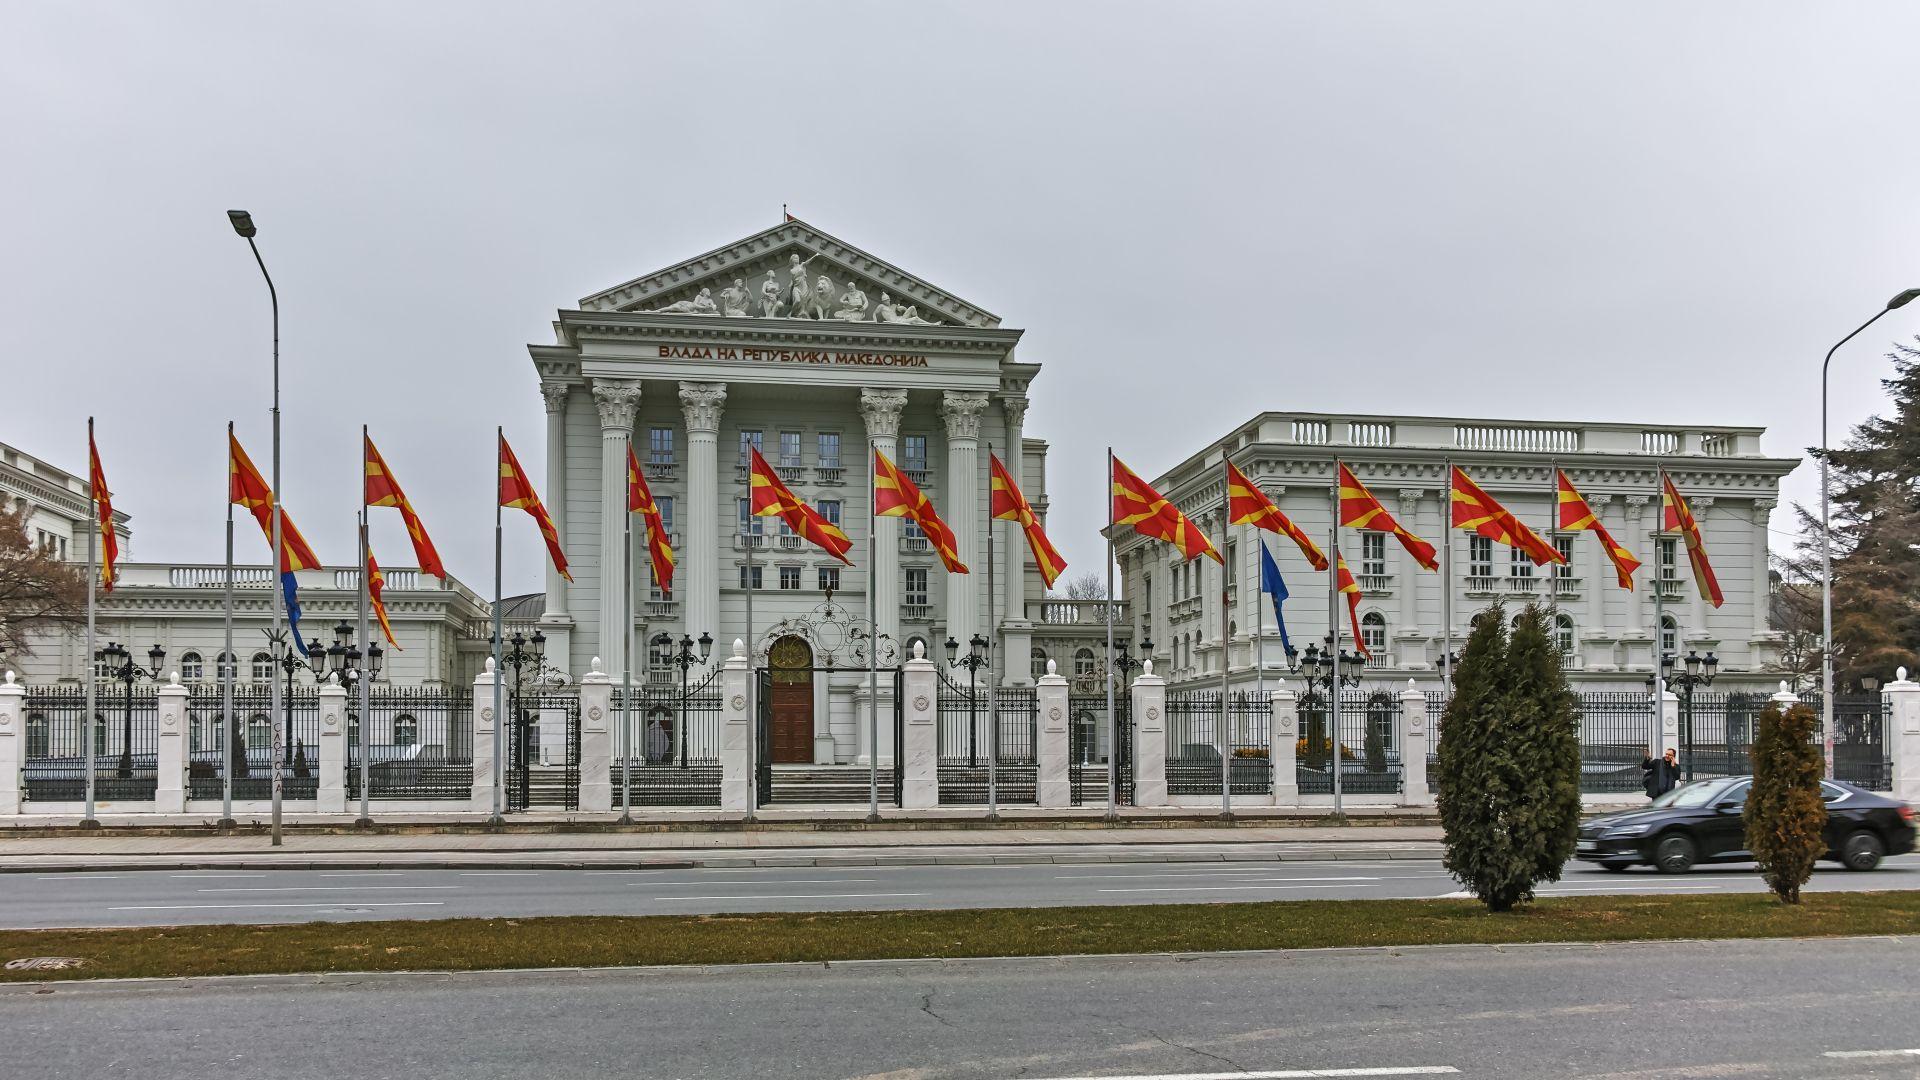 Северна Македония е на прага на предсрочни парламентарни избори